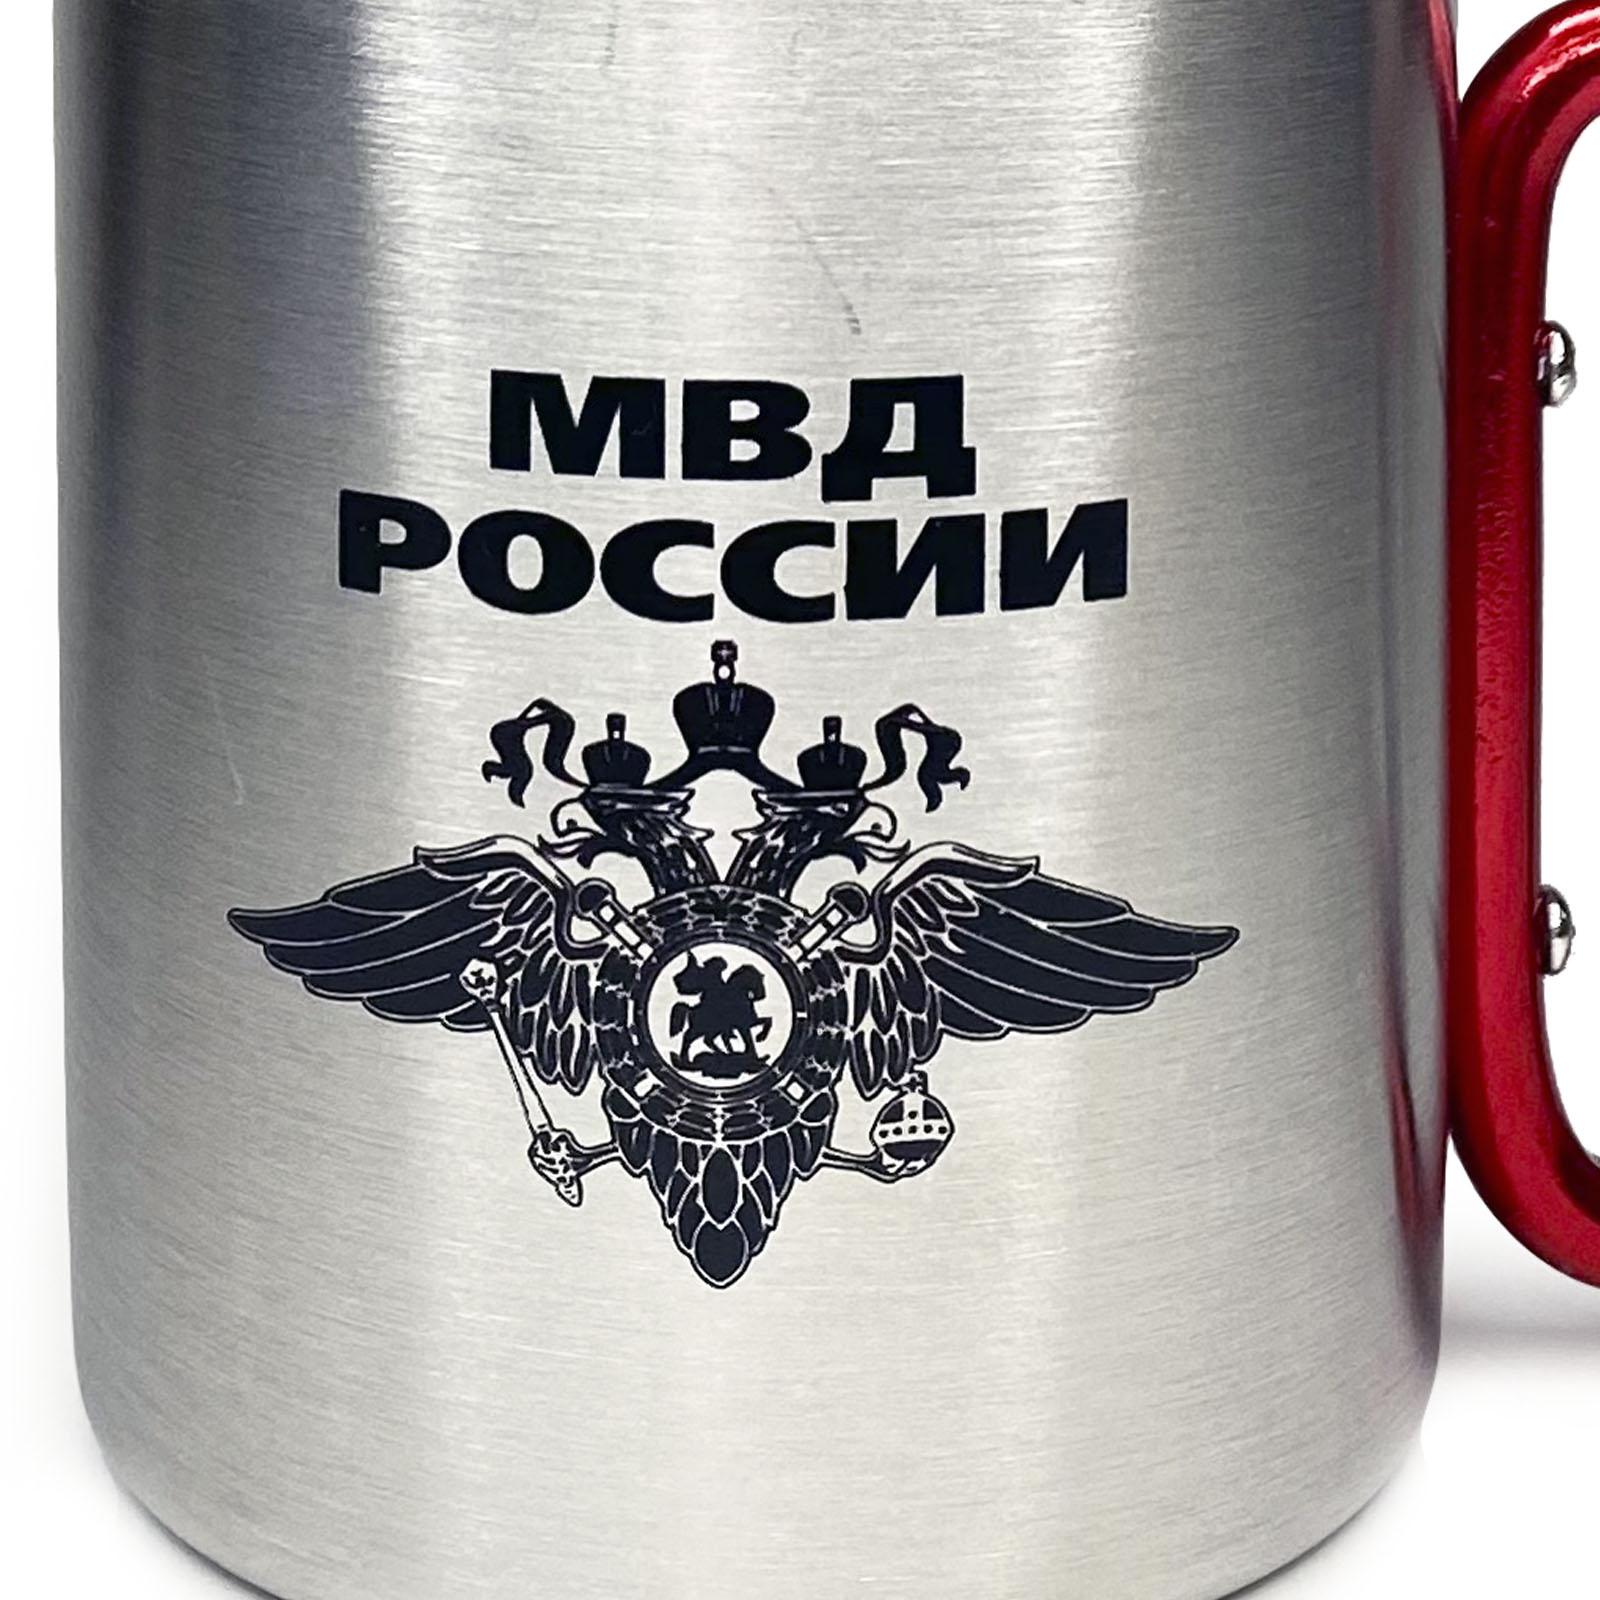 Подарочная кружка-карабин МВД России